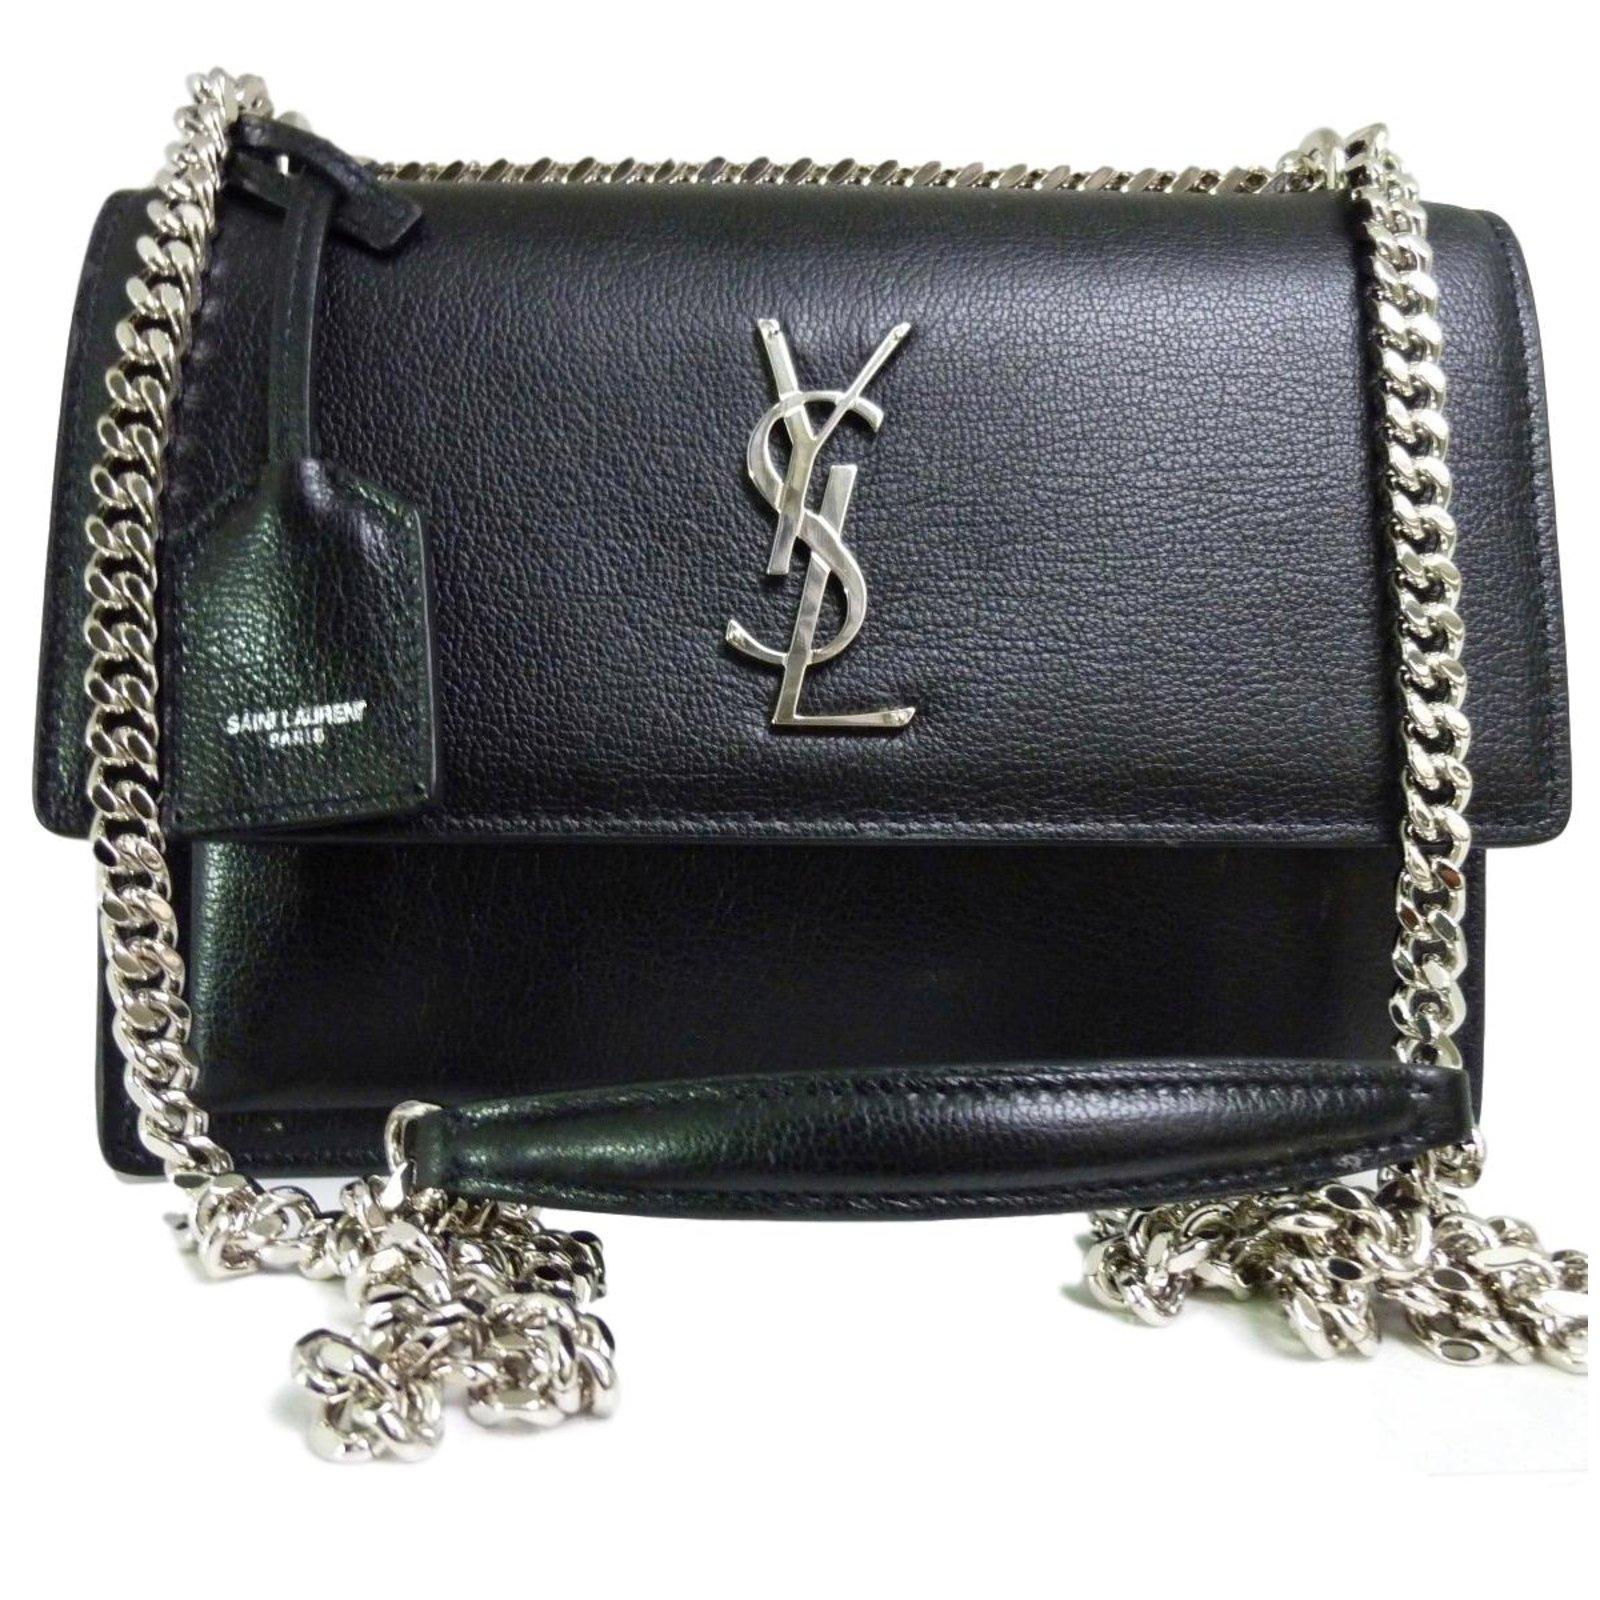 507cb745e56 Yves Saint Laurent Sunset Bag Handbags Leather Black ref.71264 ...